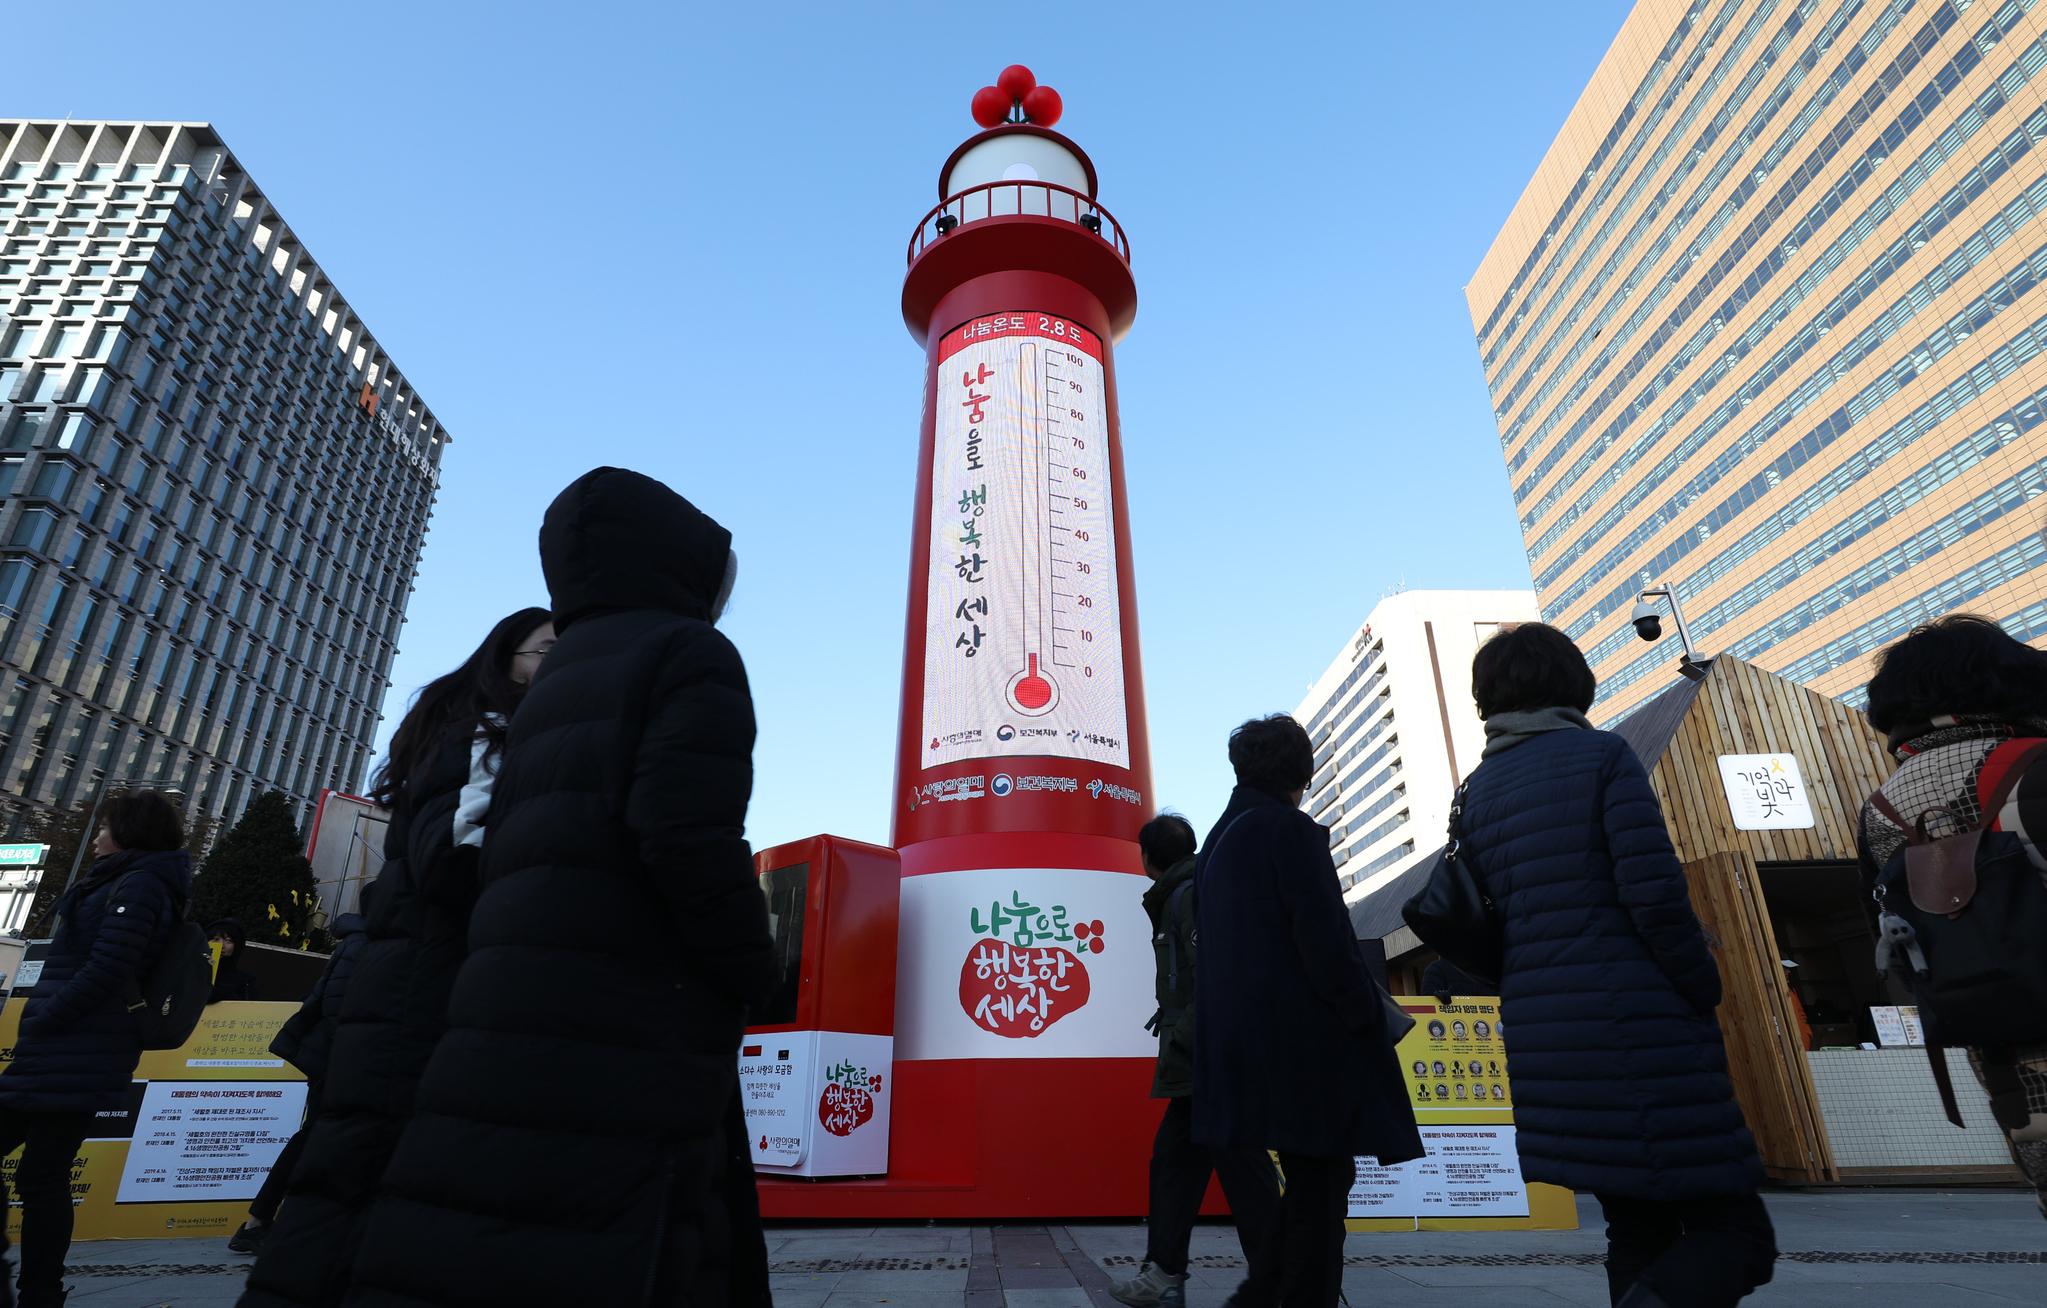 20일 서울 광화문광장에서 '희망2020나눔캠페인' 사랑의 온도탑이 제막식을 갖고 점등해 연말연시 모금의 시작을 알리고 있다. [뉴스1]